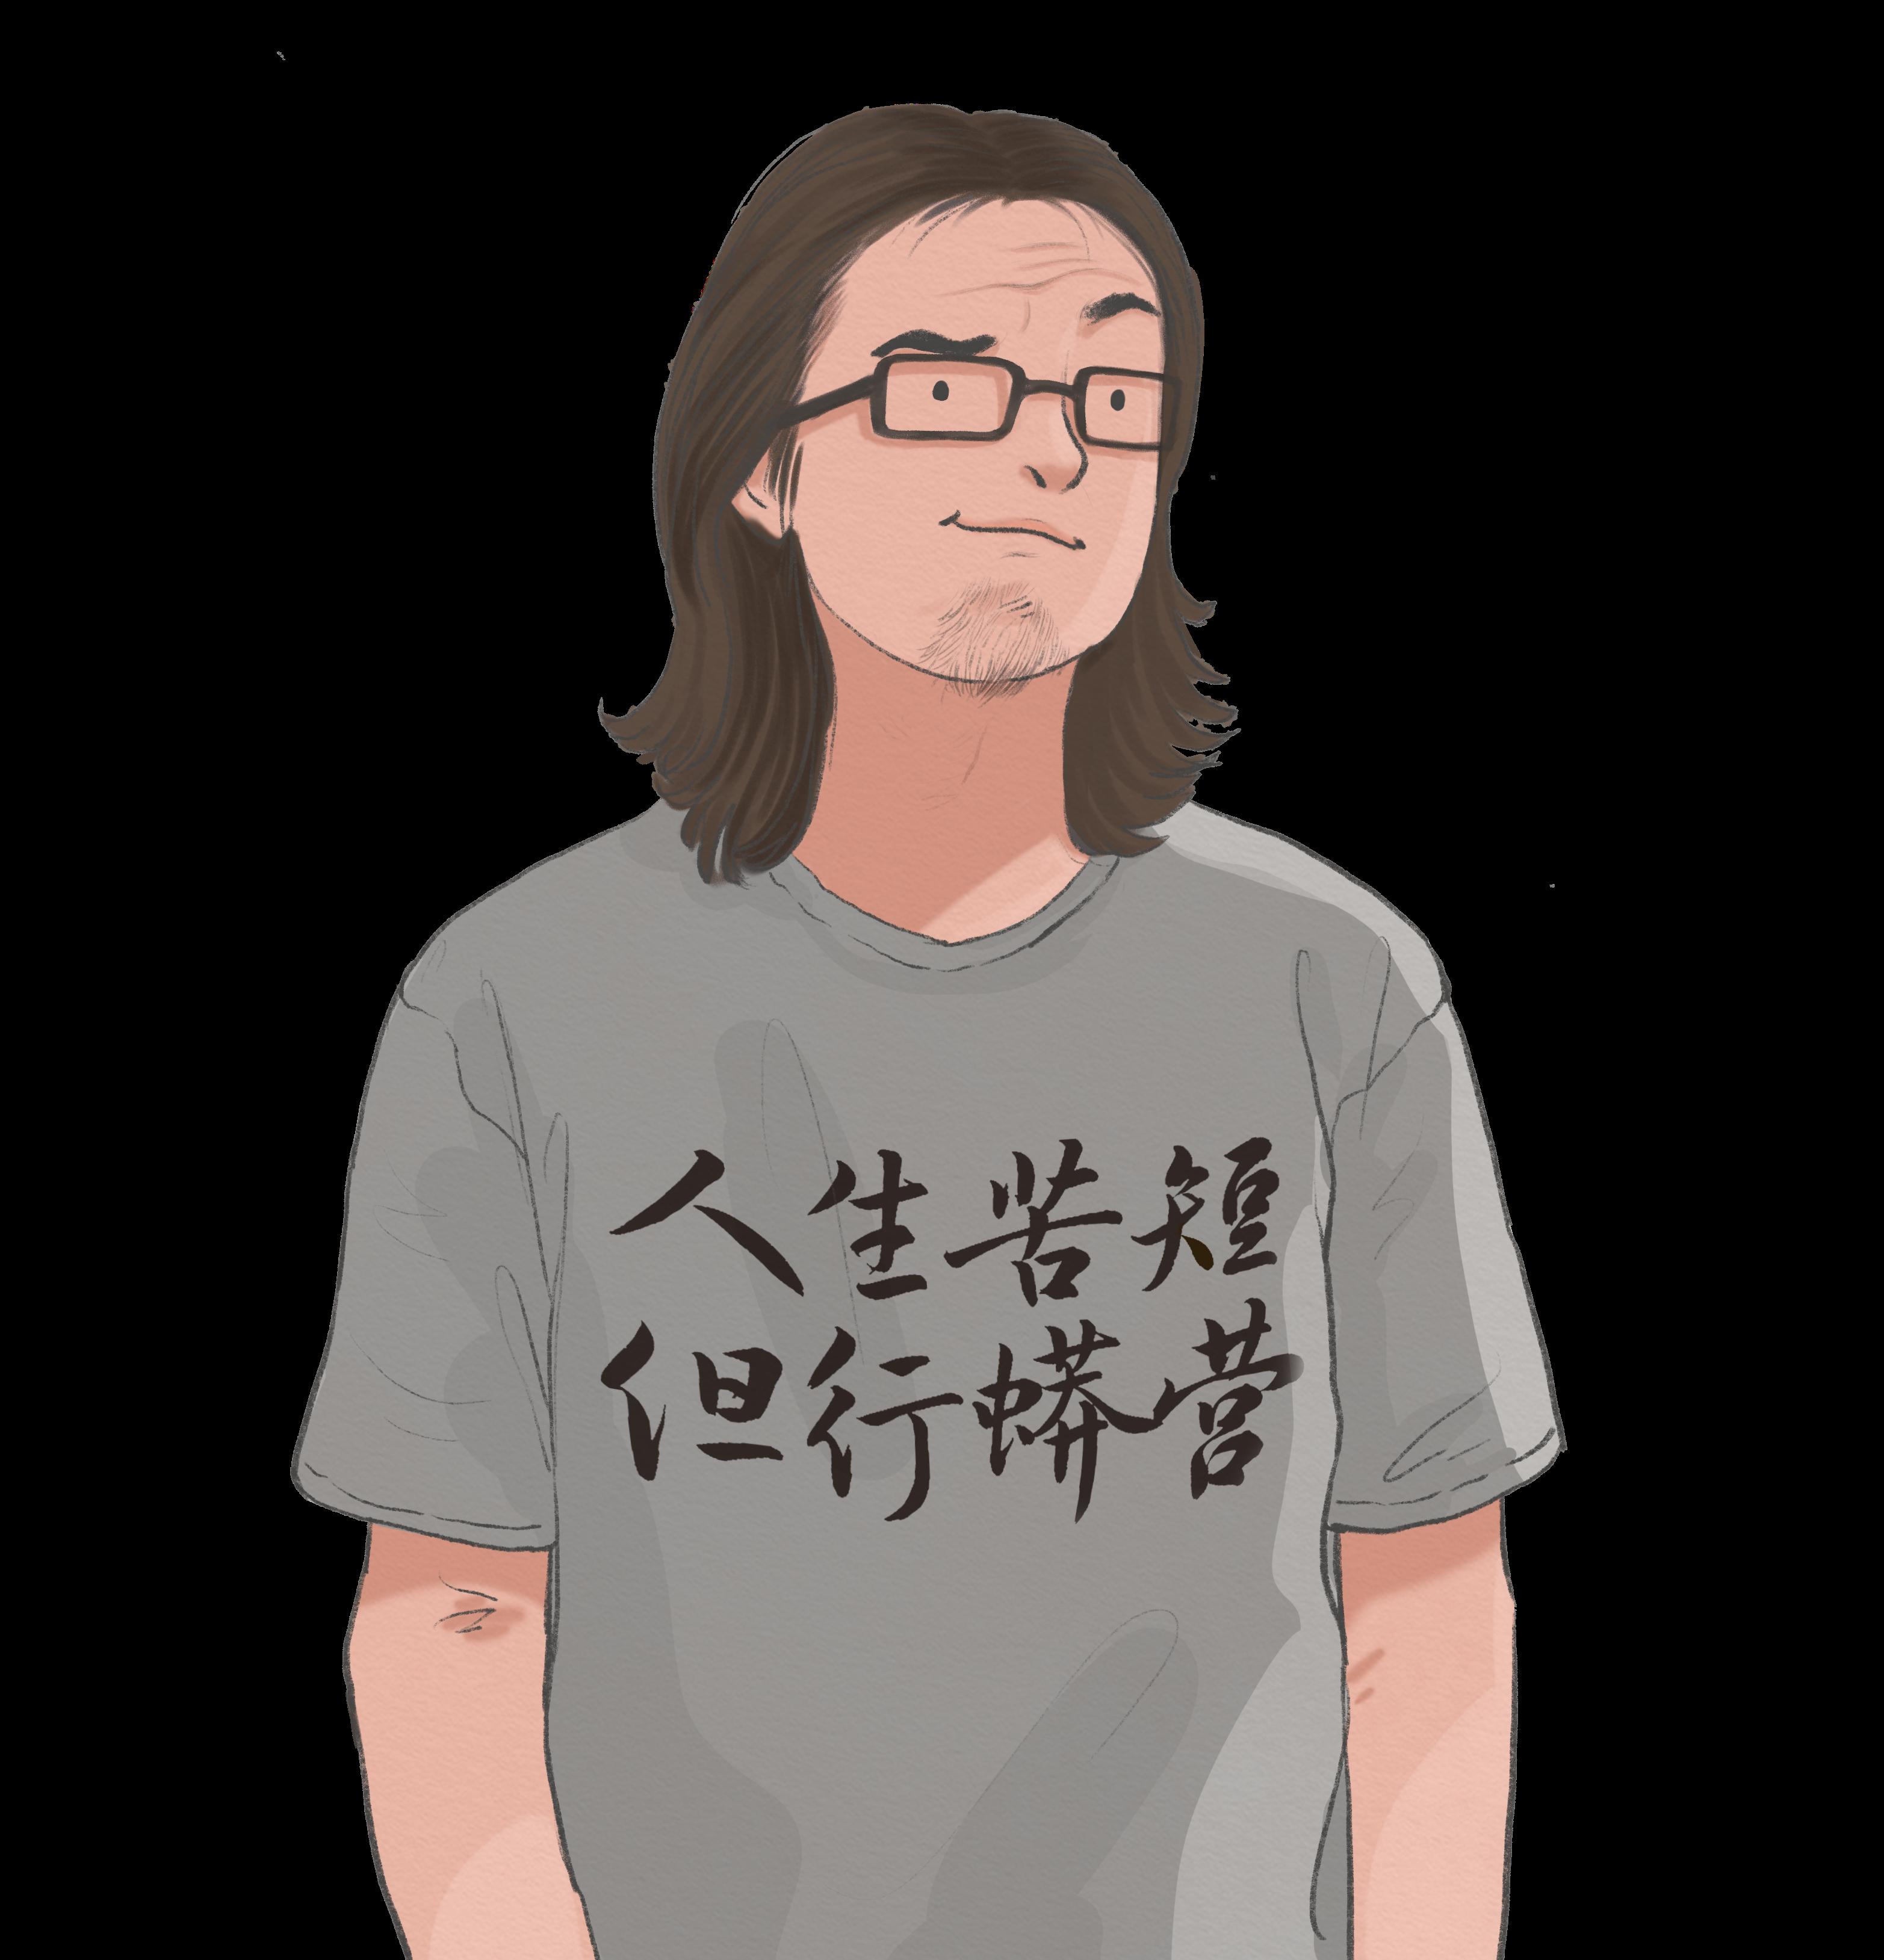 Speaker 大妈's avatar